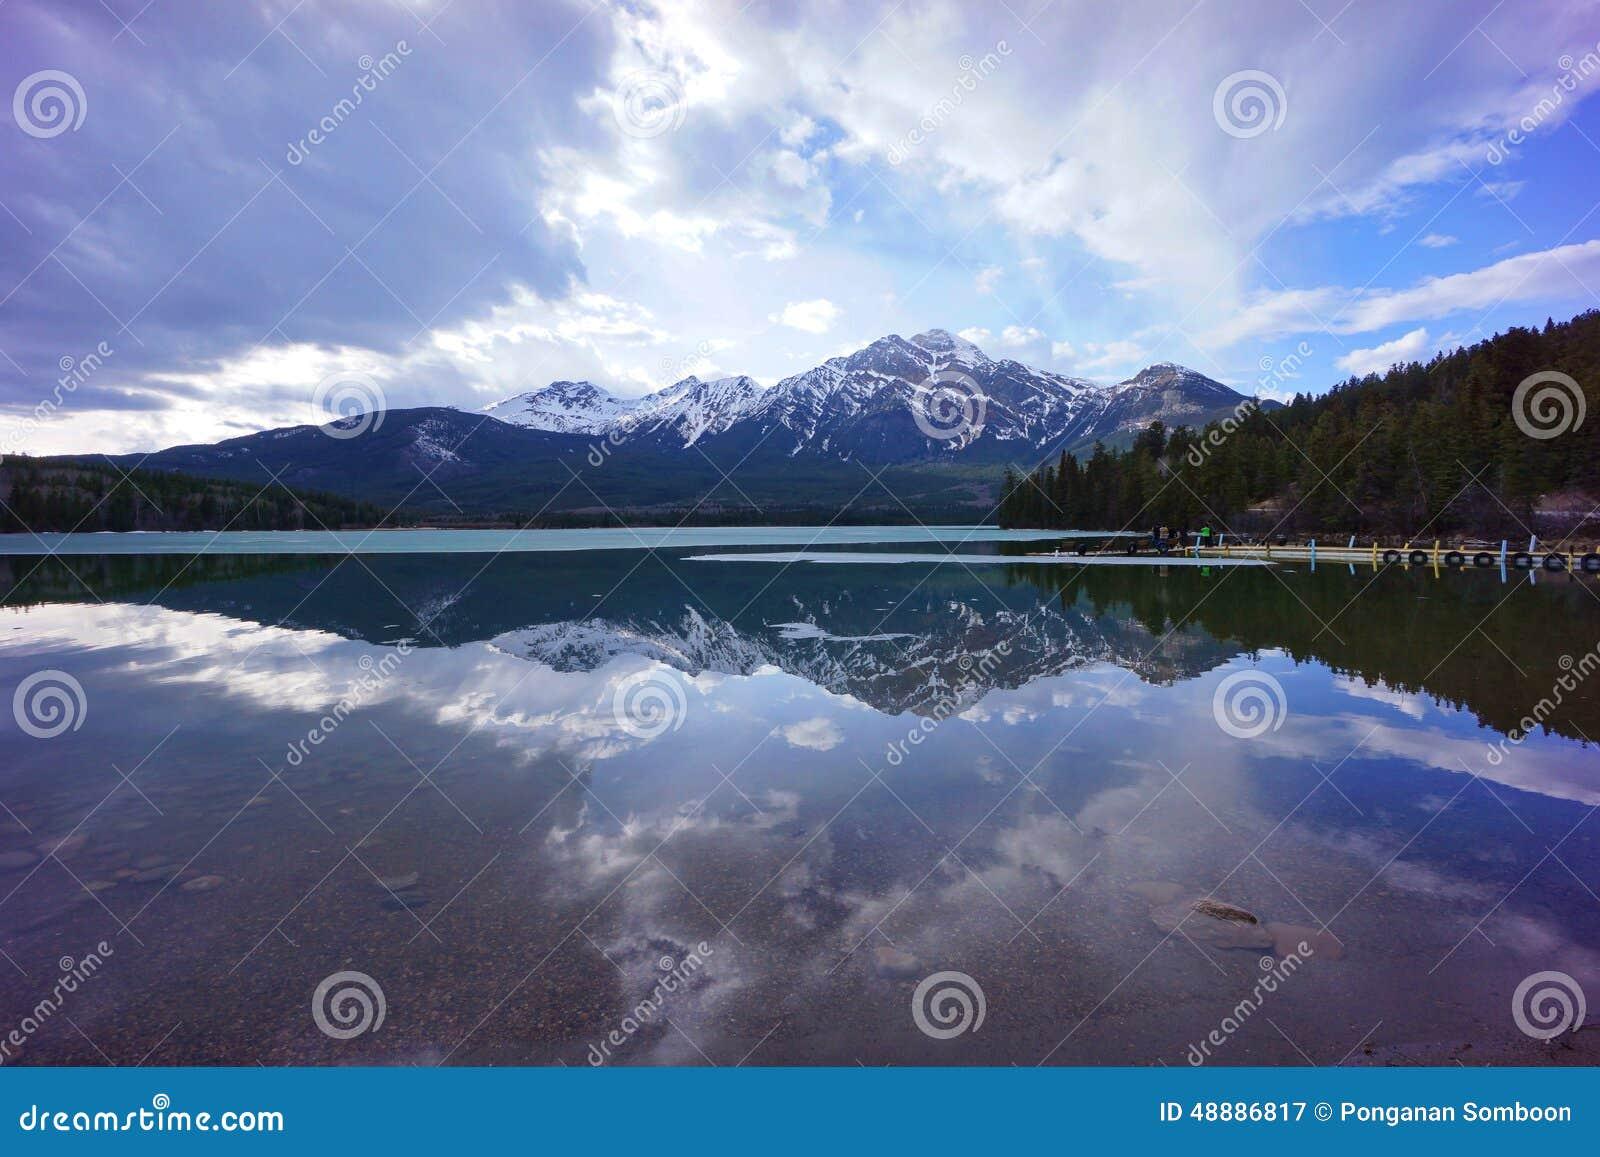 Die Reflexion am Pyramid See, Jaspis, Alberta, Kanada